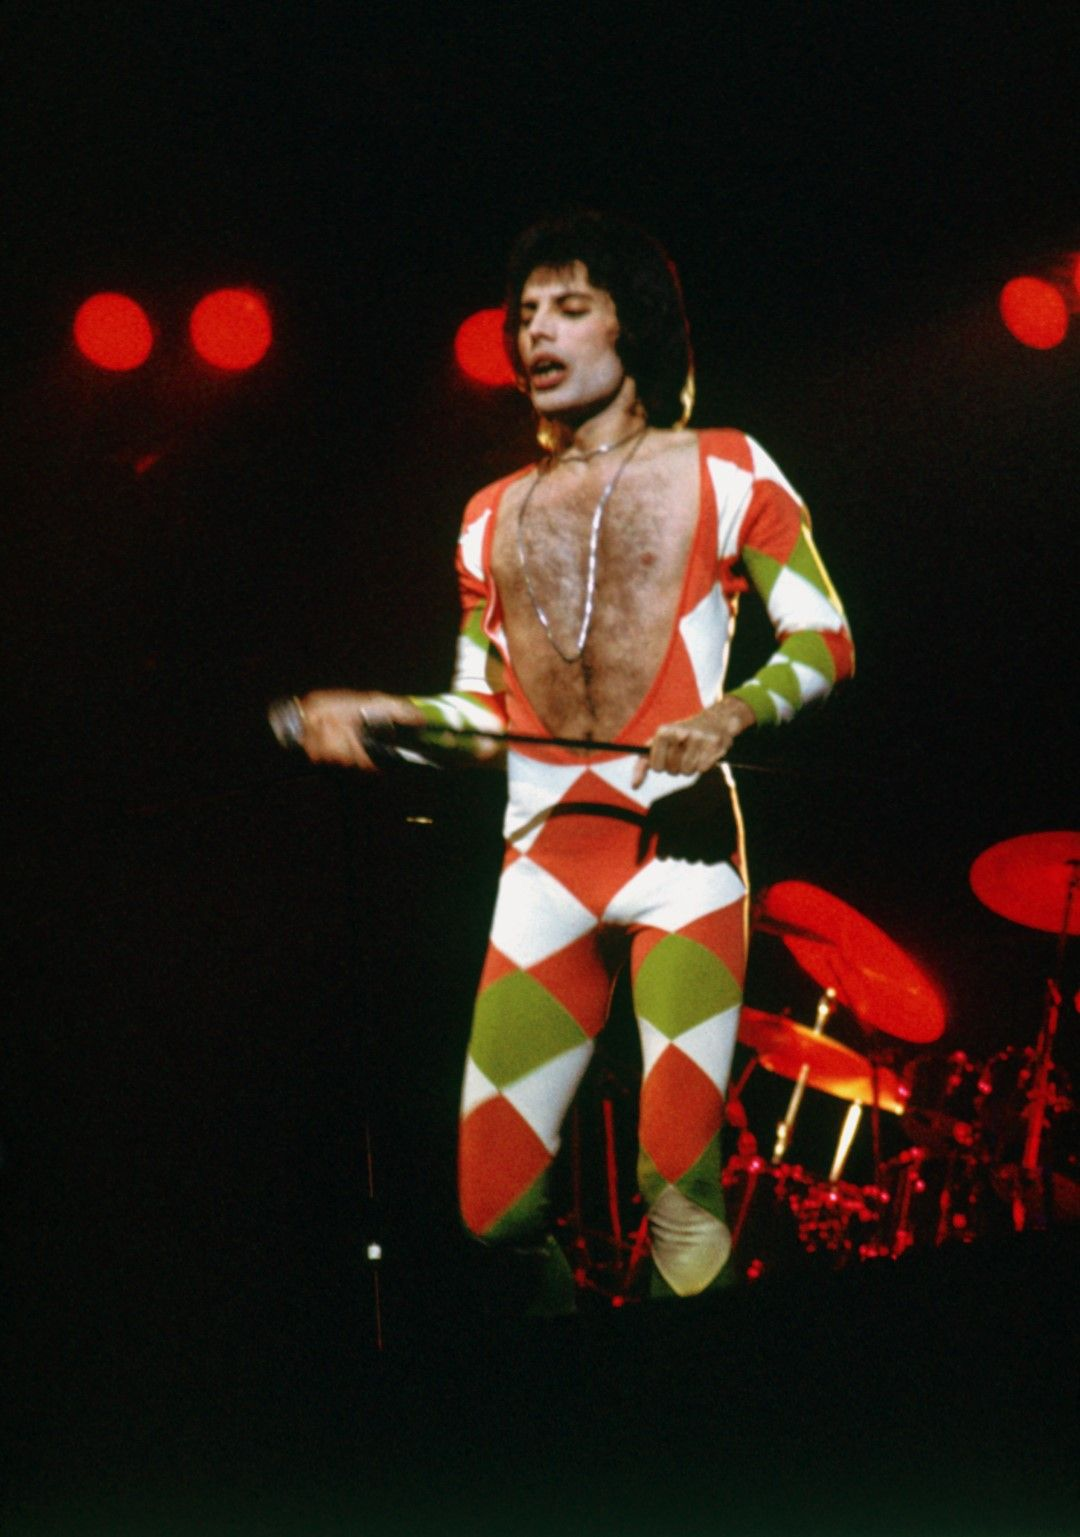 Юни 1977 г.:  Фреди Меркюри на сцената на концерт на Queen